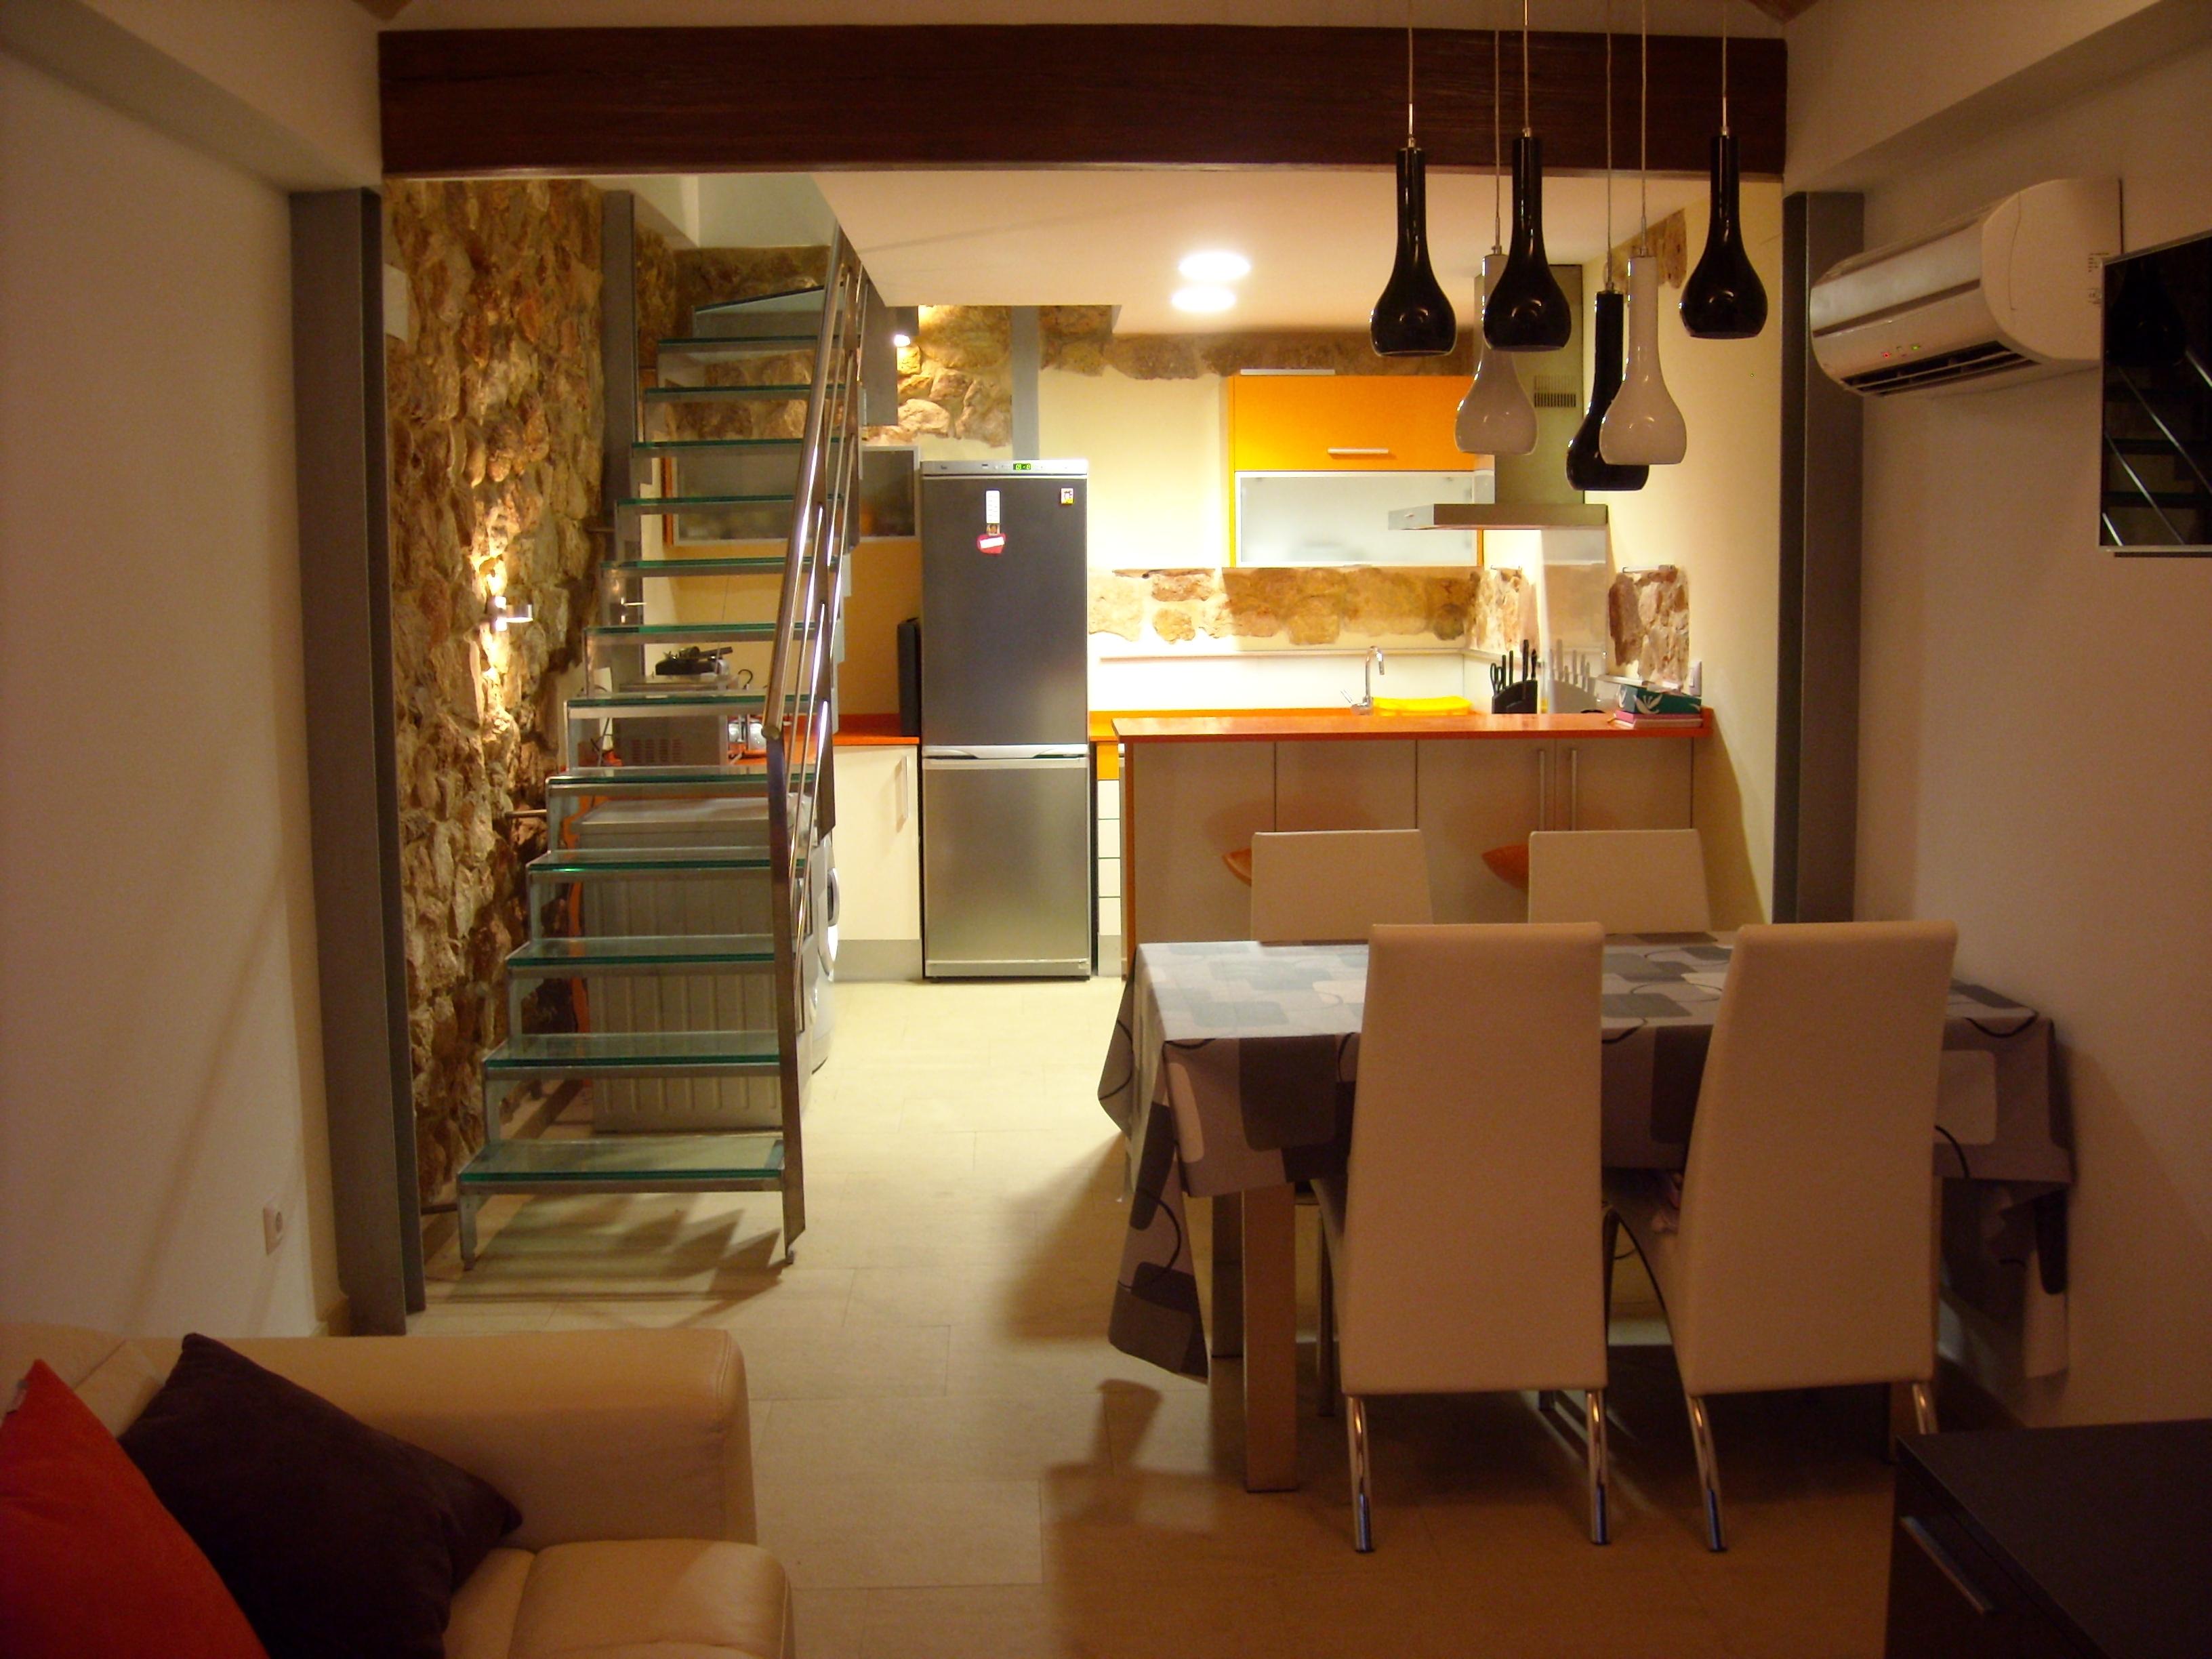 Planta baja cocina comedor y escalera for Imagenes de cocina comedor